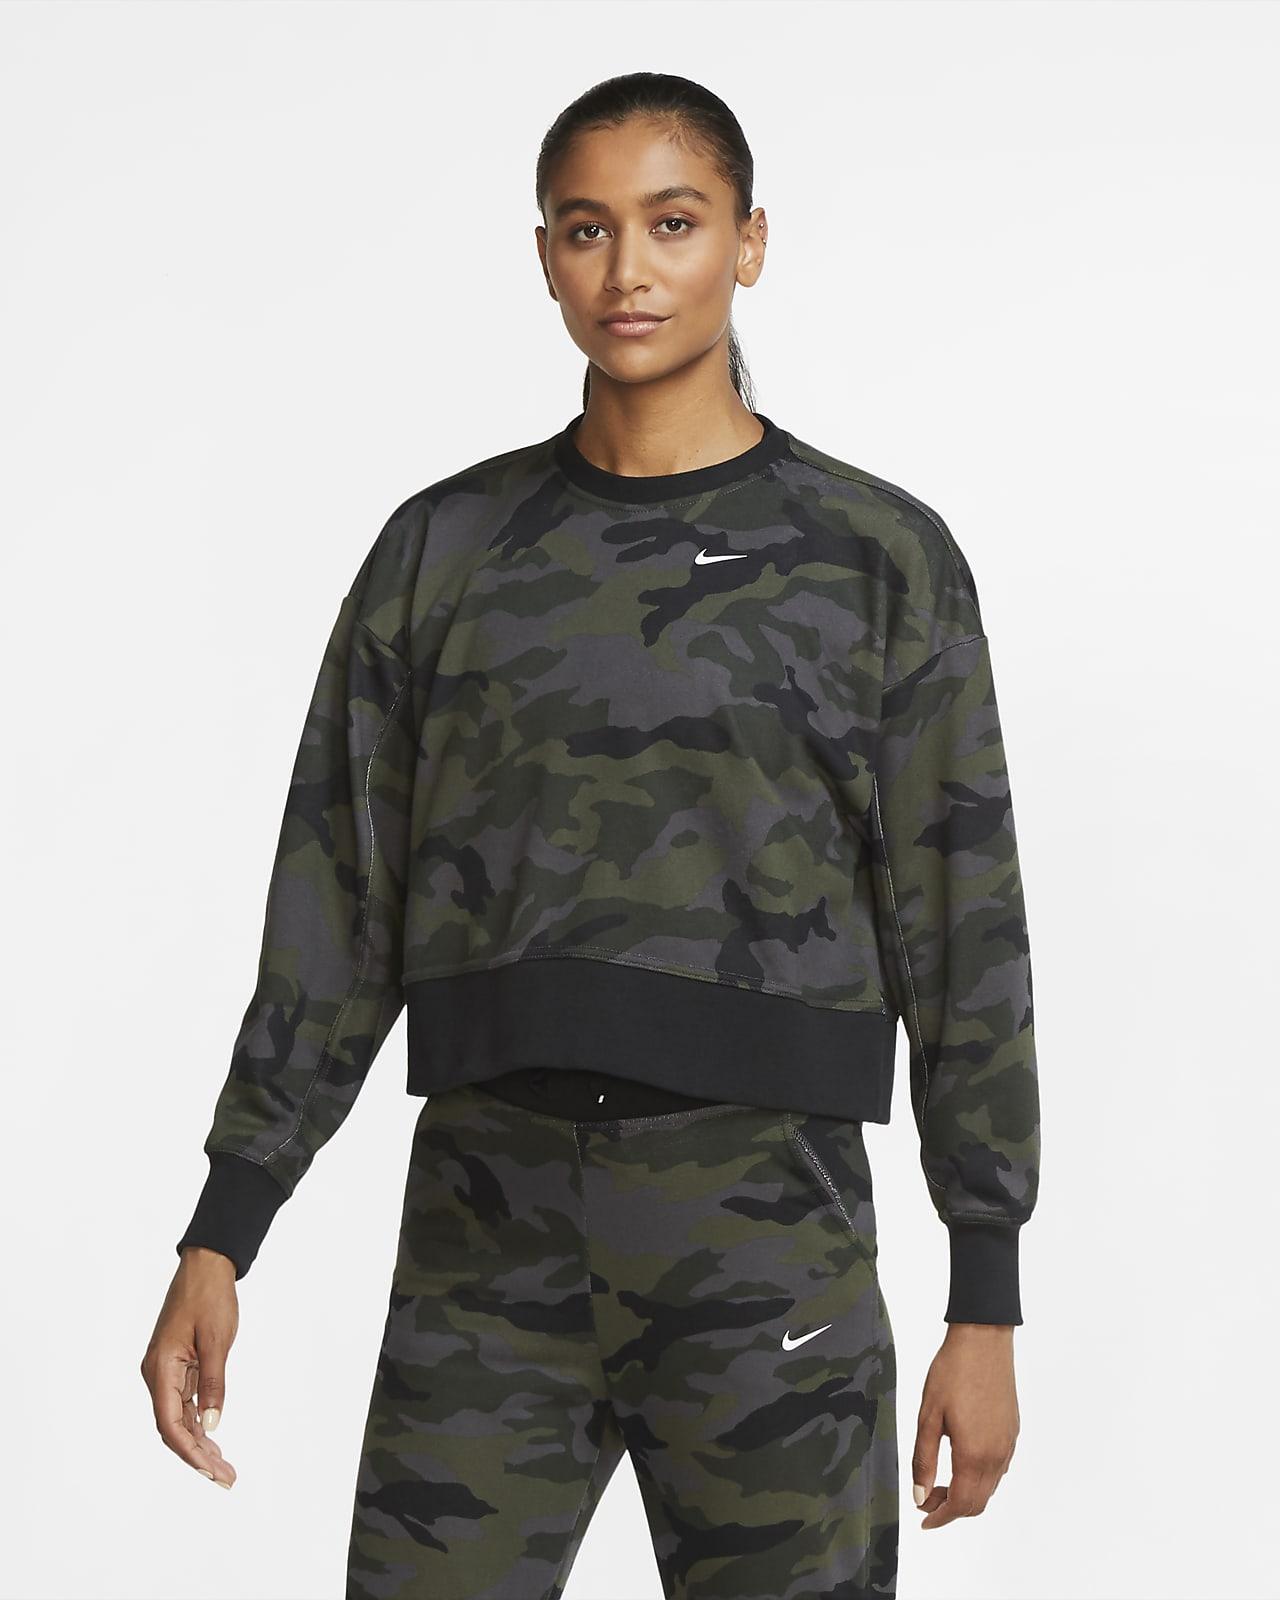 Nike Dri-FIT Get Fit Camo-Trainings-Rundhalsshirt für Damen